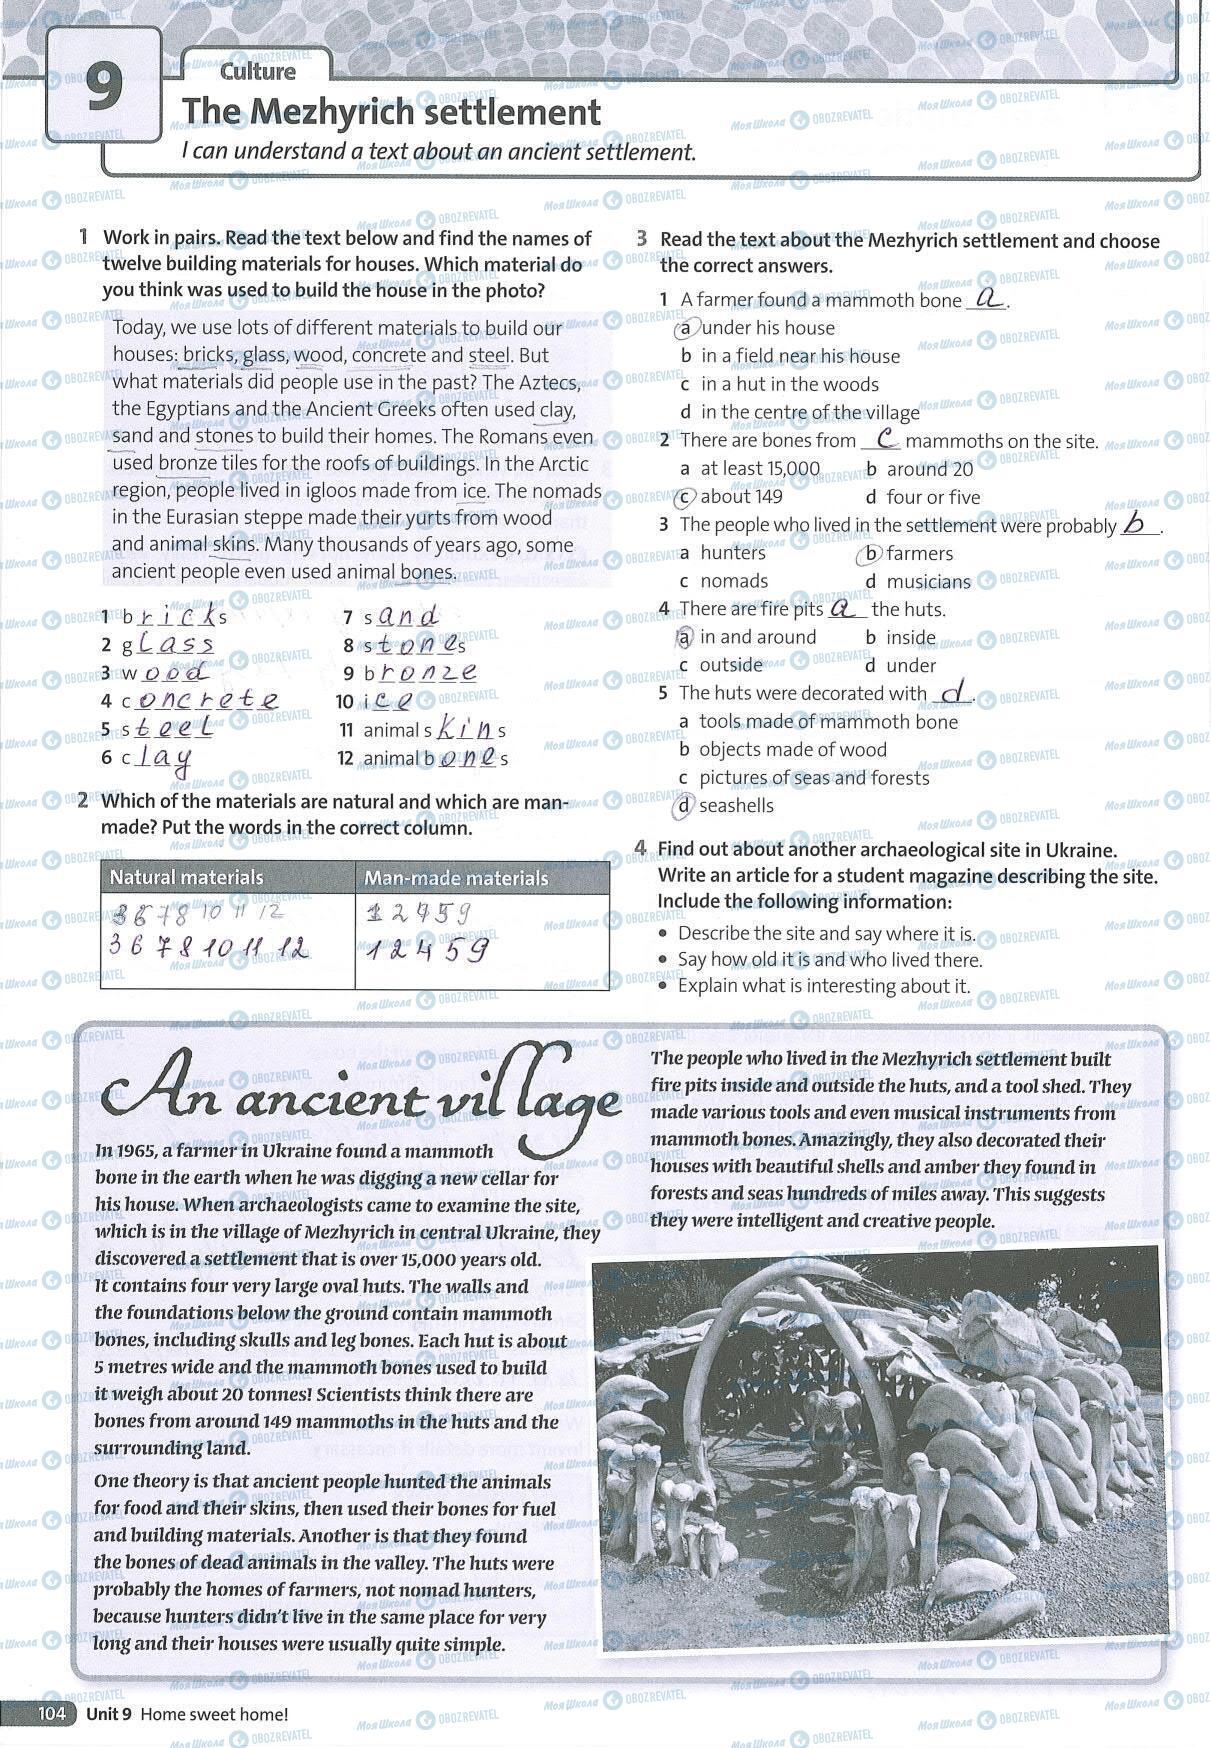 ГДЗ Англійська мова 5 клас сторінка 104